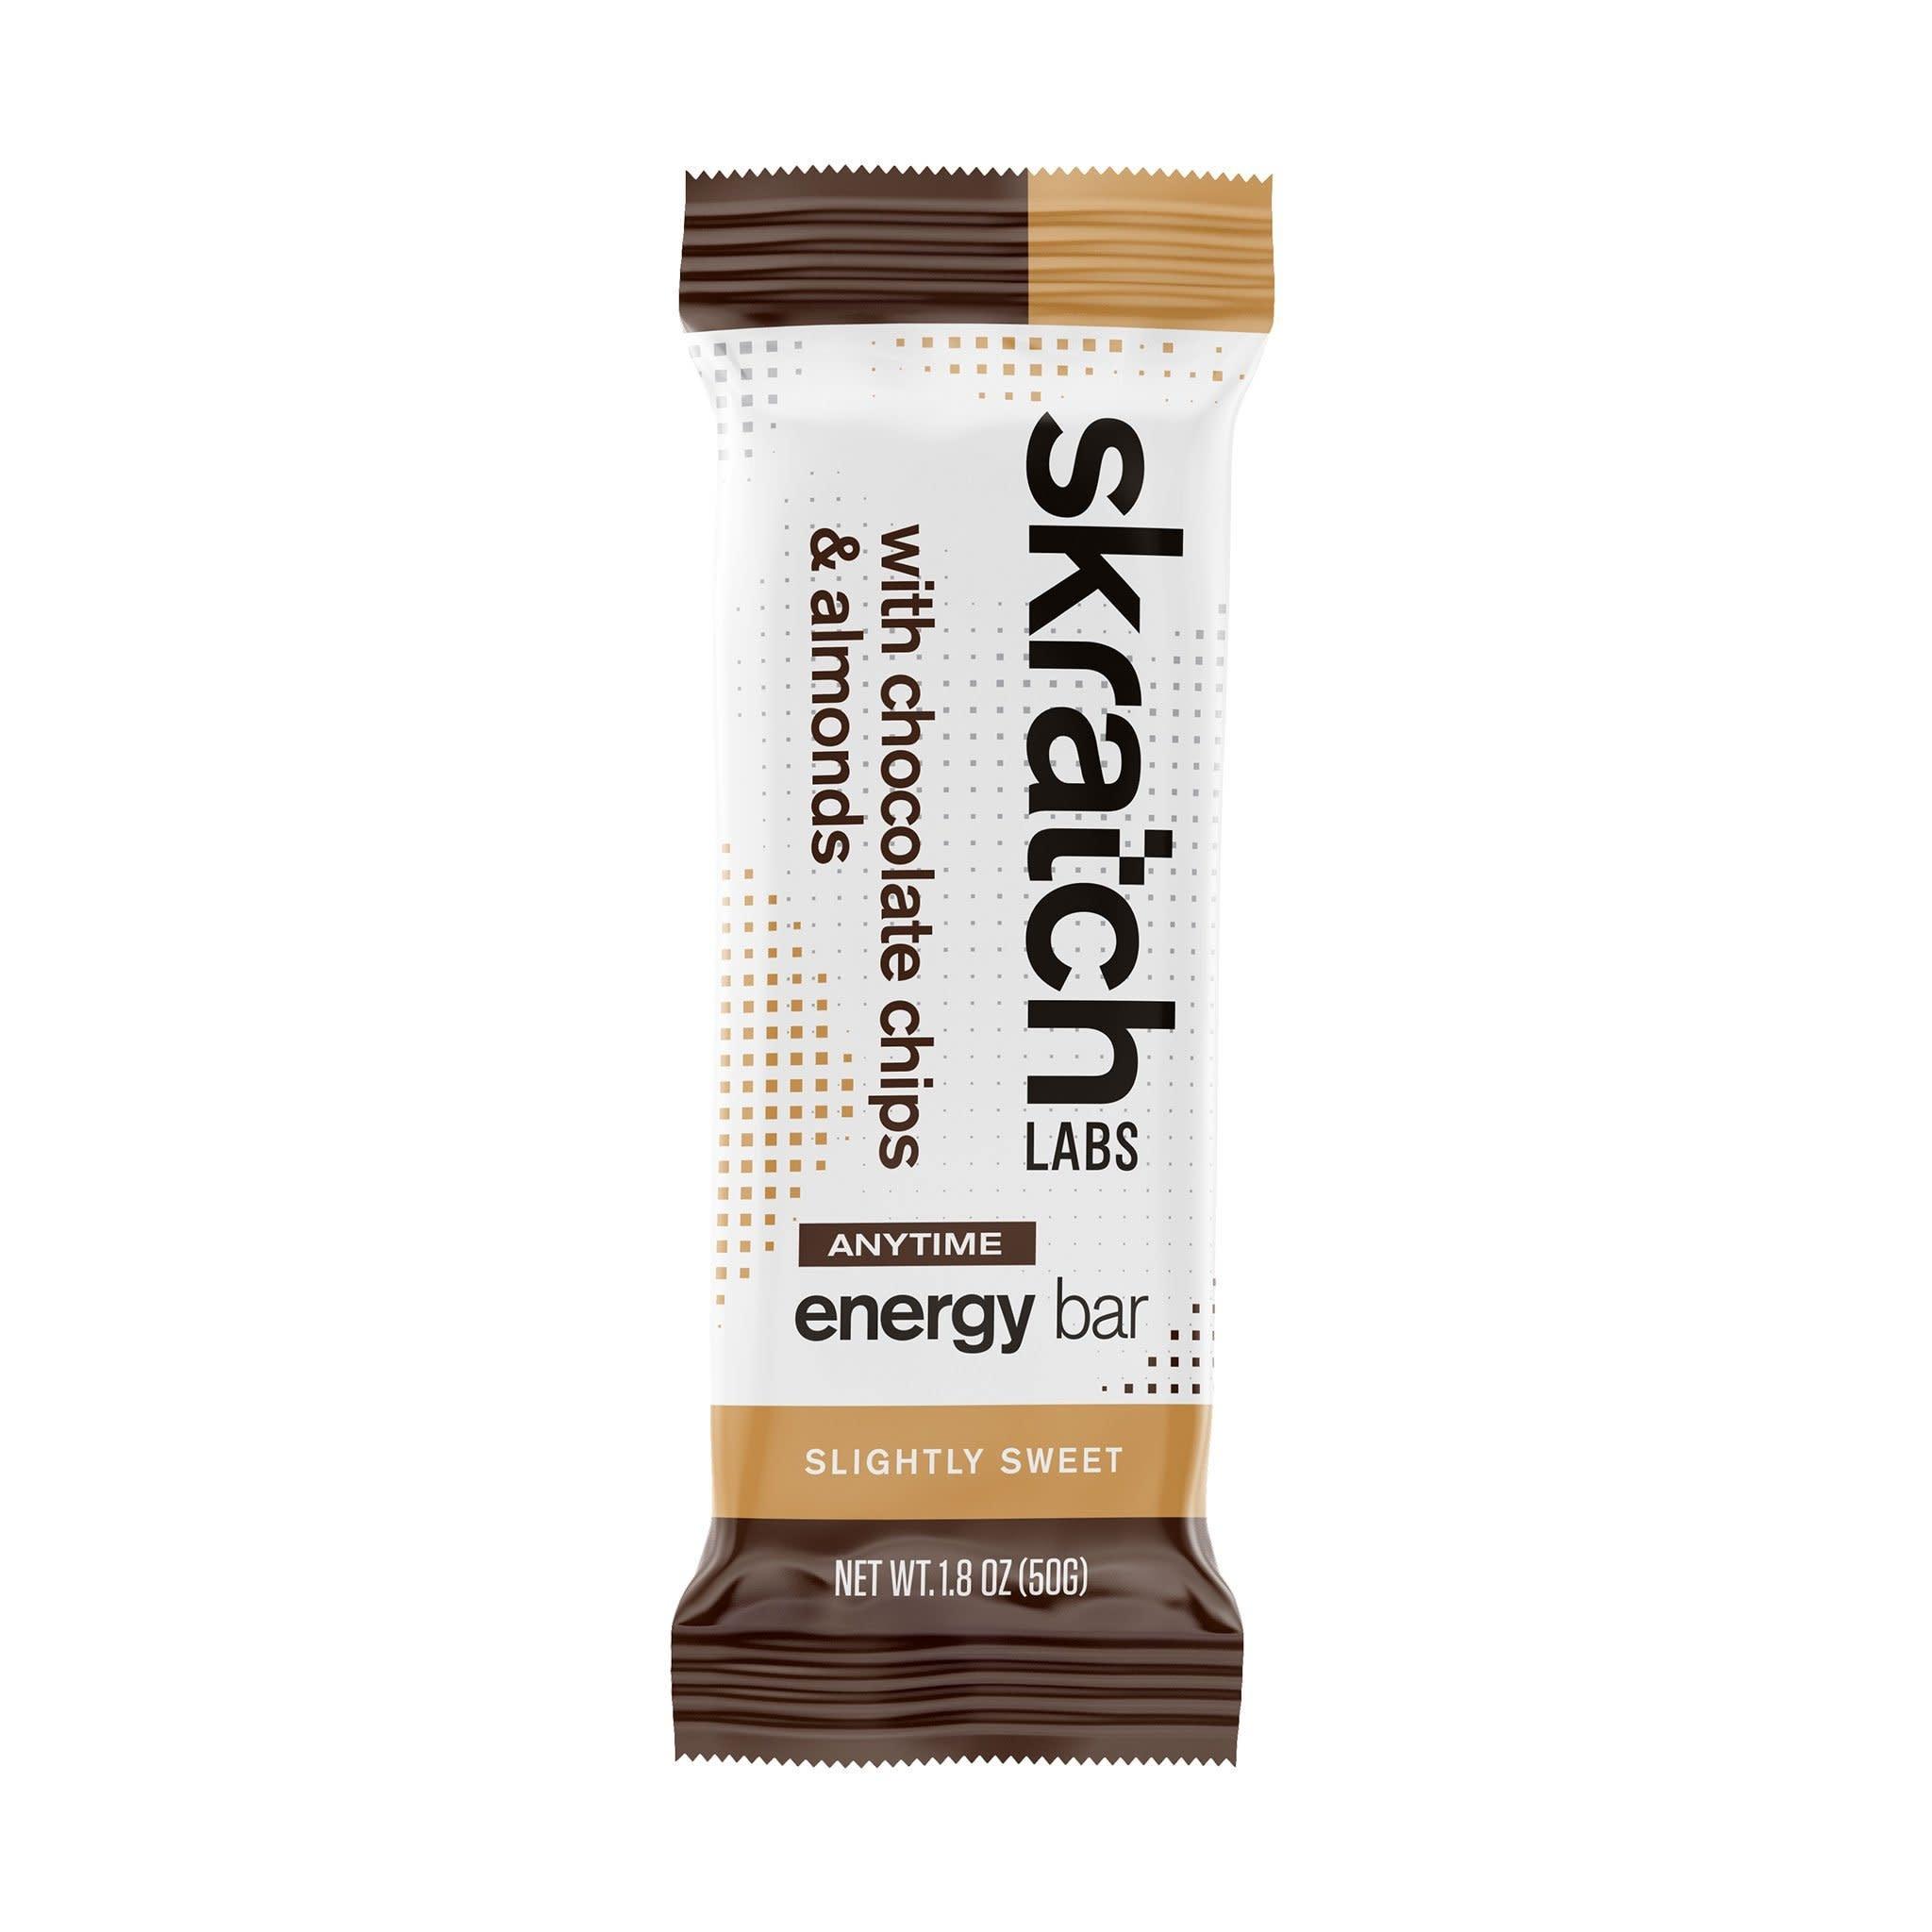 Skratch Labs Skratch Energy Bar Almond Choc Chip & Almonds